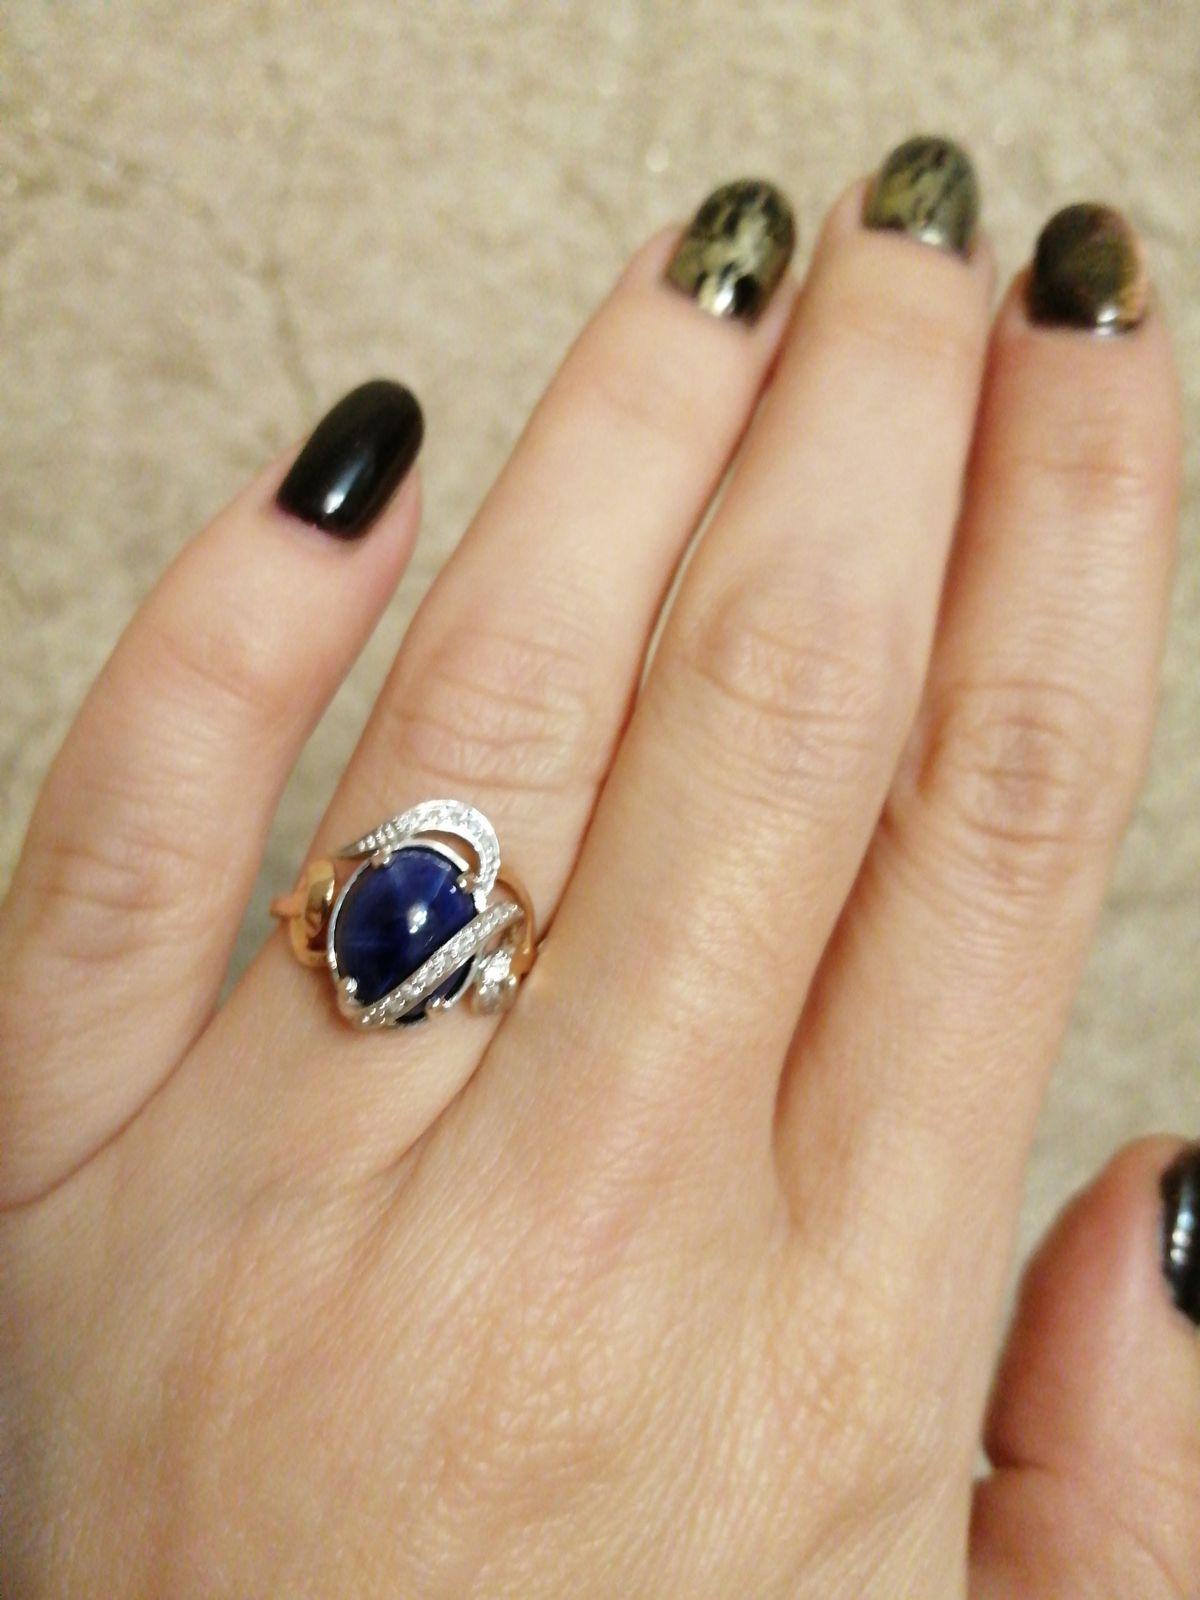 Кольцо с звездчатым сапфиром